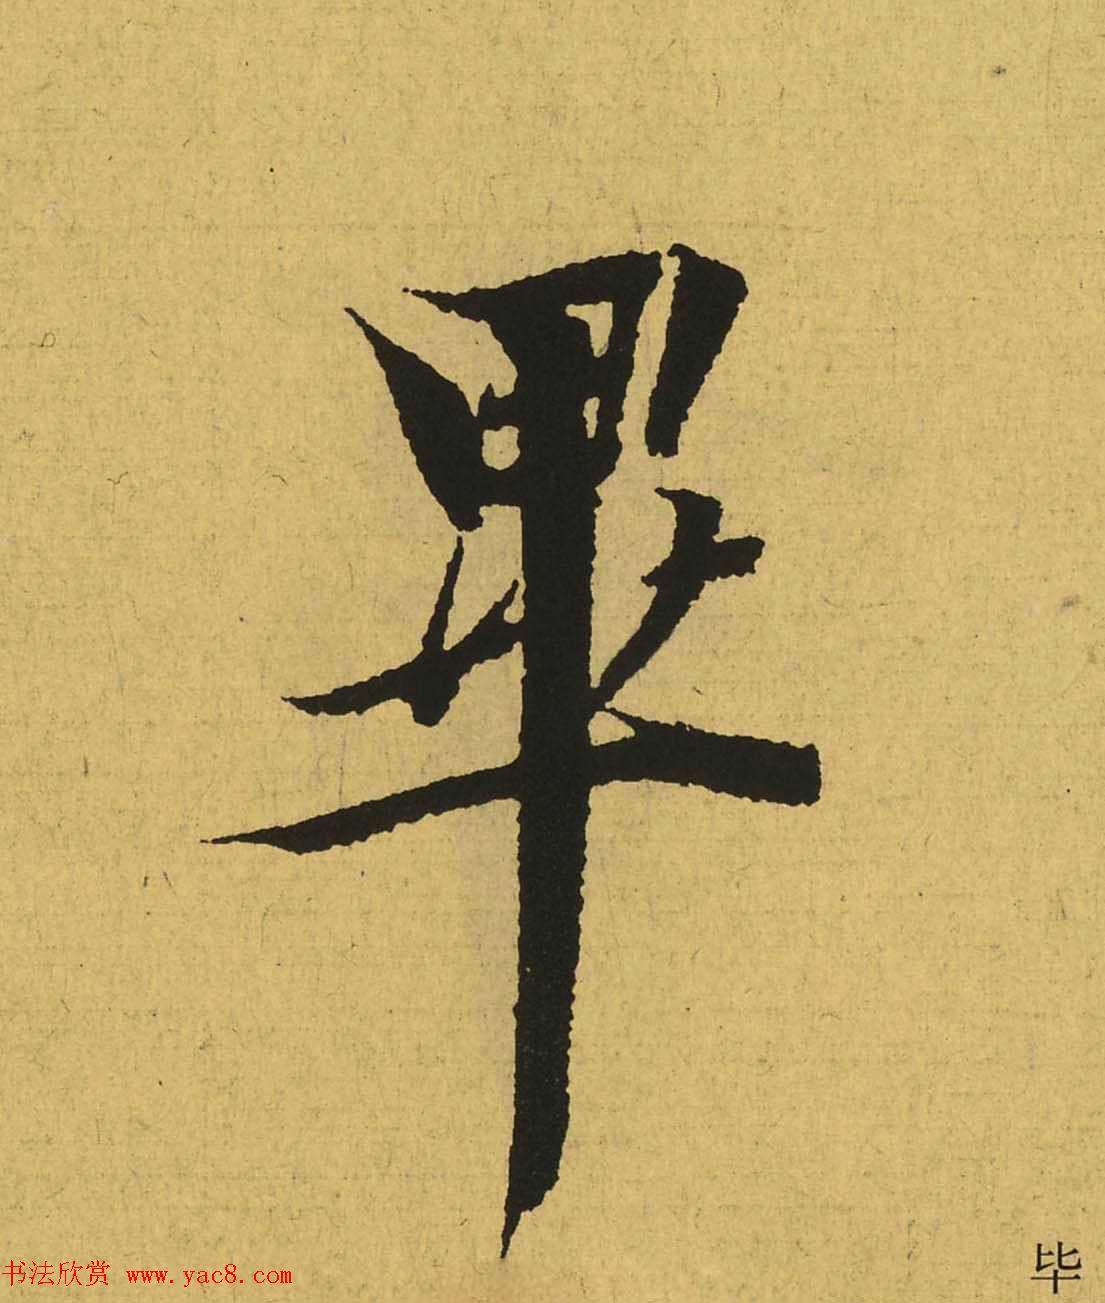 王羲之兰亭集序全文单字高清放大字帖 第7页 行书字帖 书法欣赏